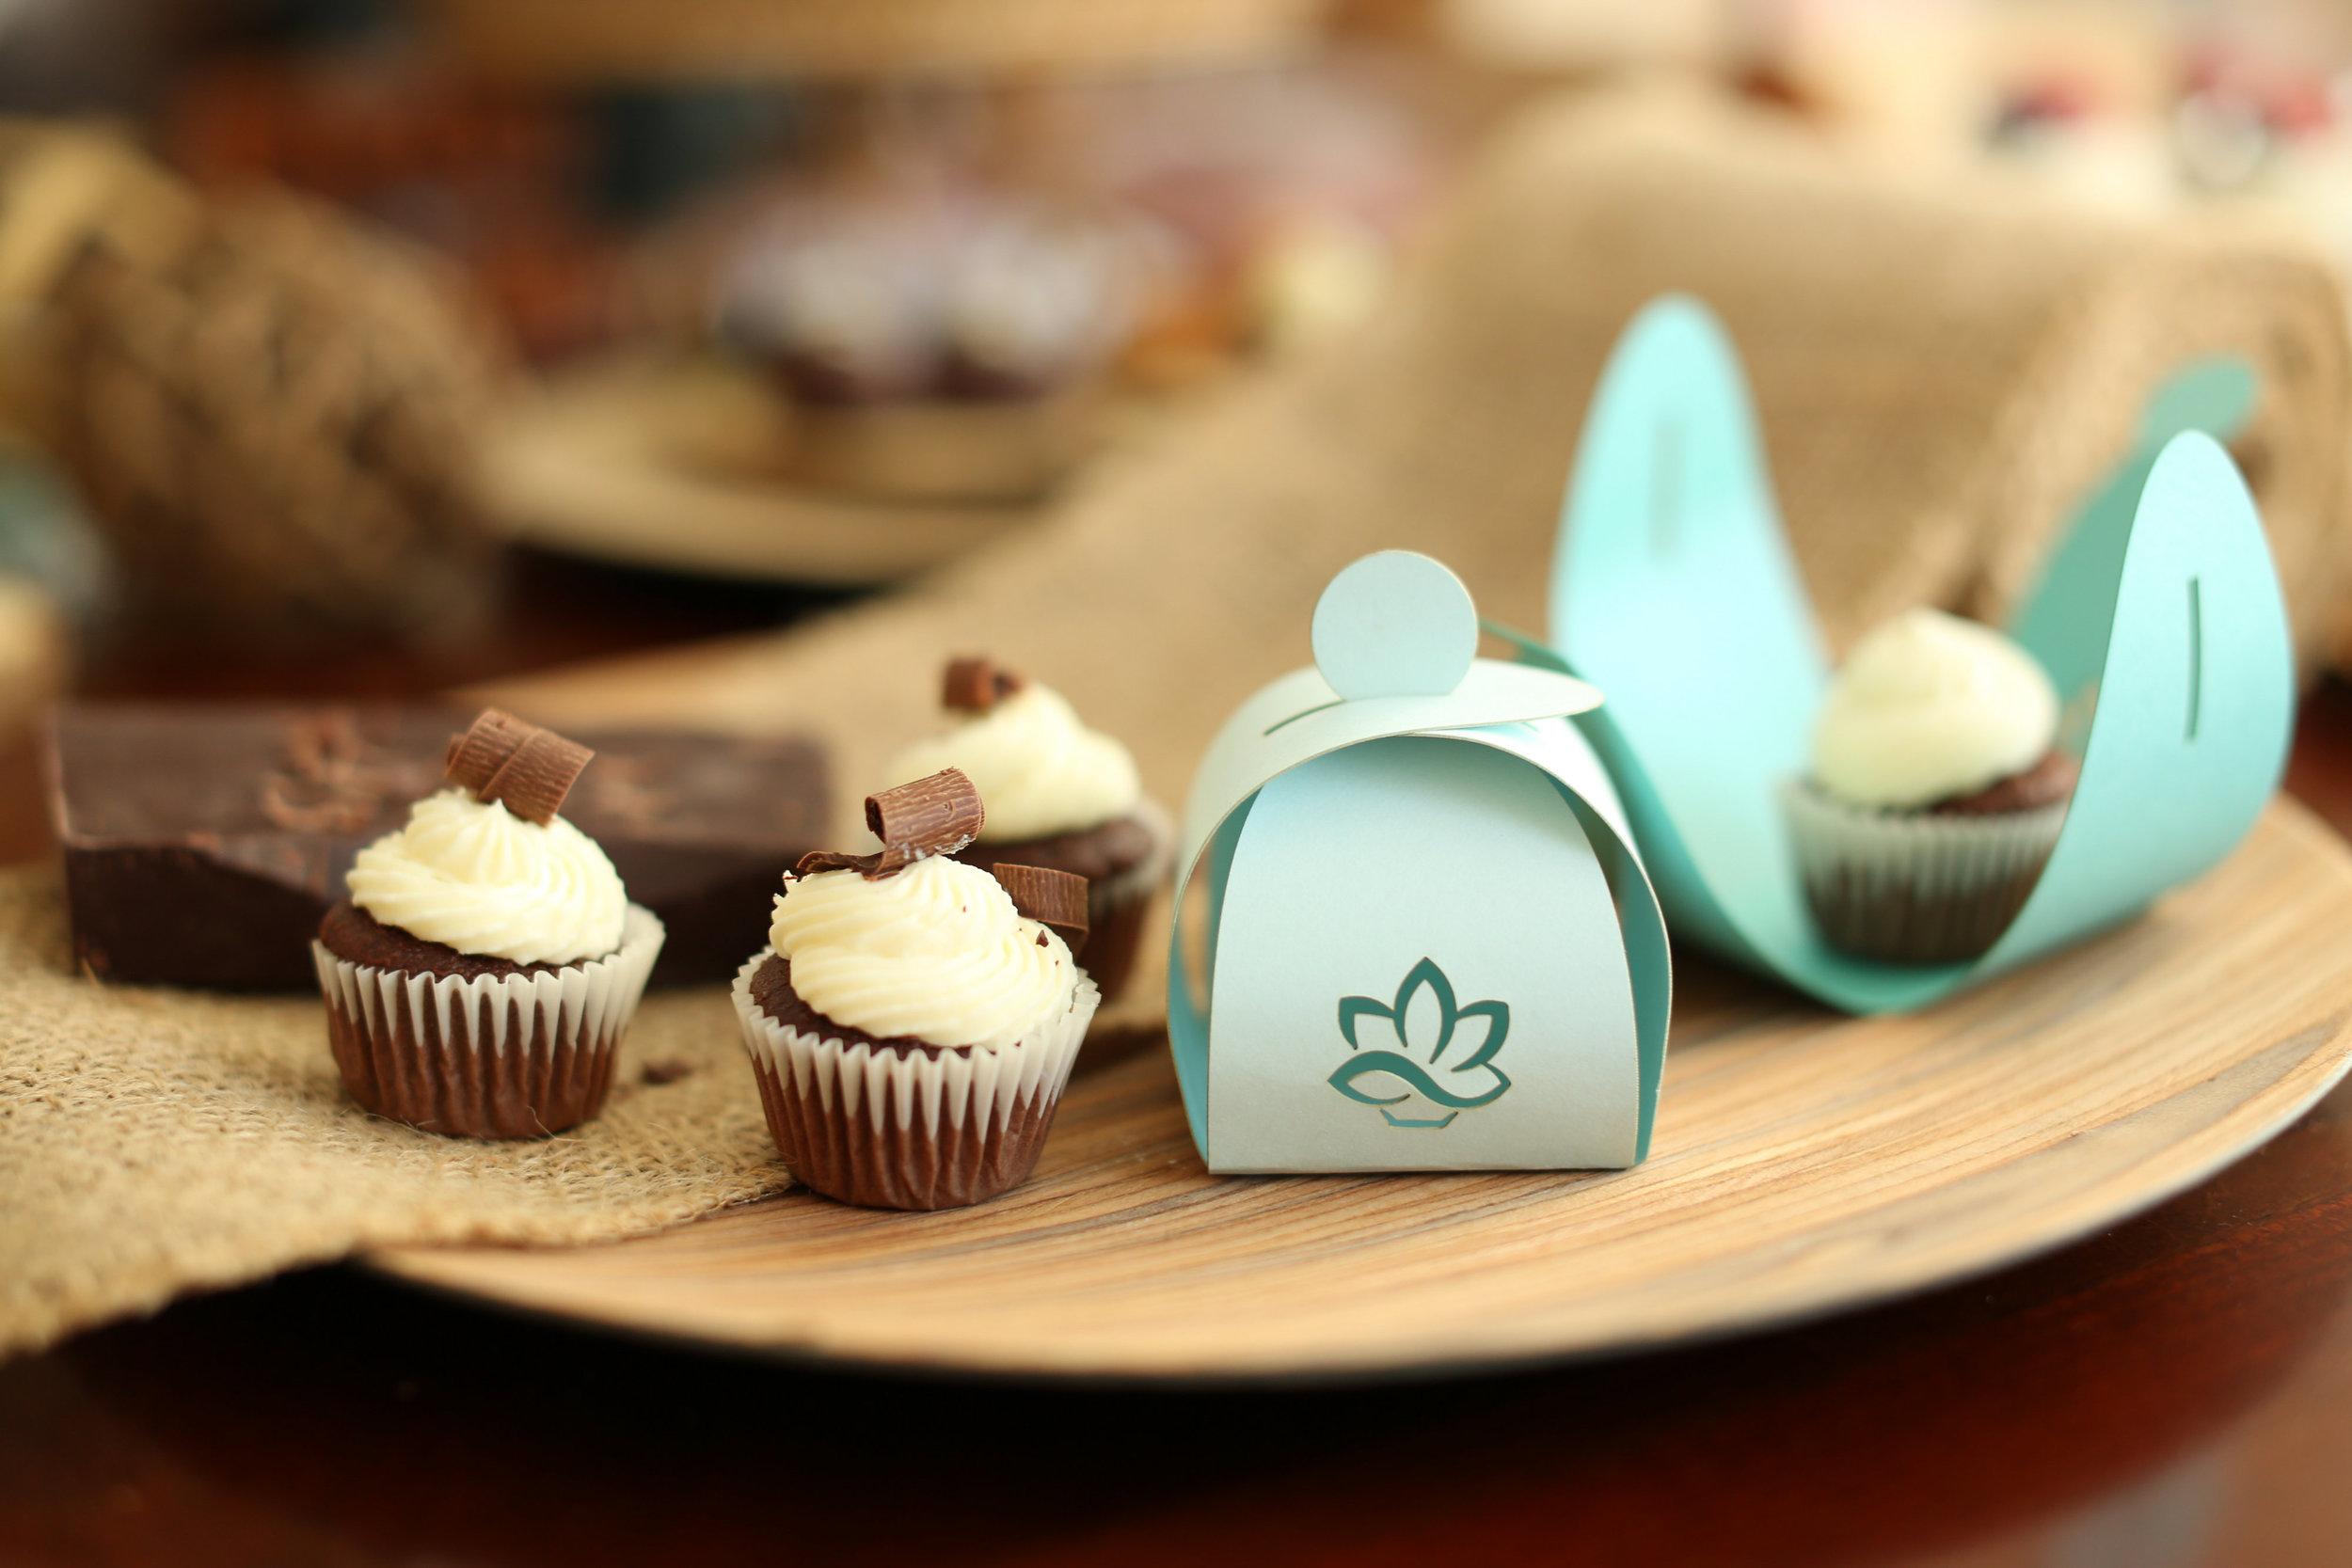 edible event favors_cupcake favors_mini cupcake favors_ gluten free favors_macaron favors_personalized edible favors.jpg